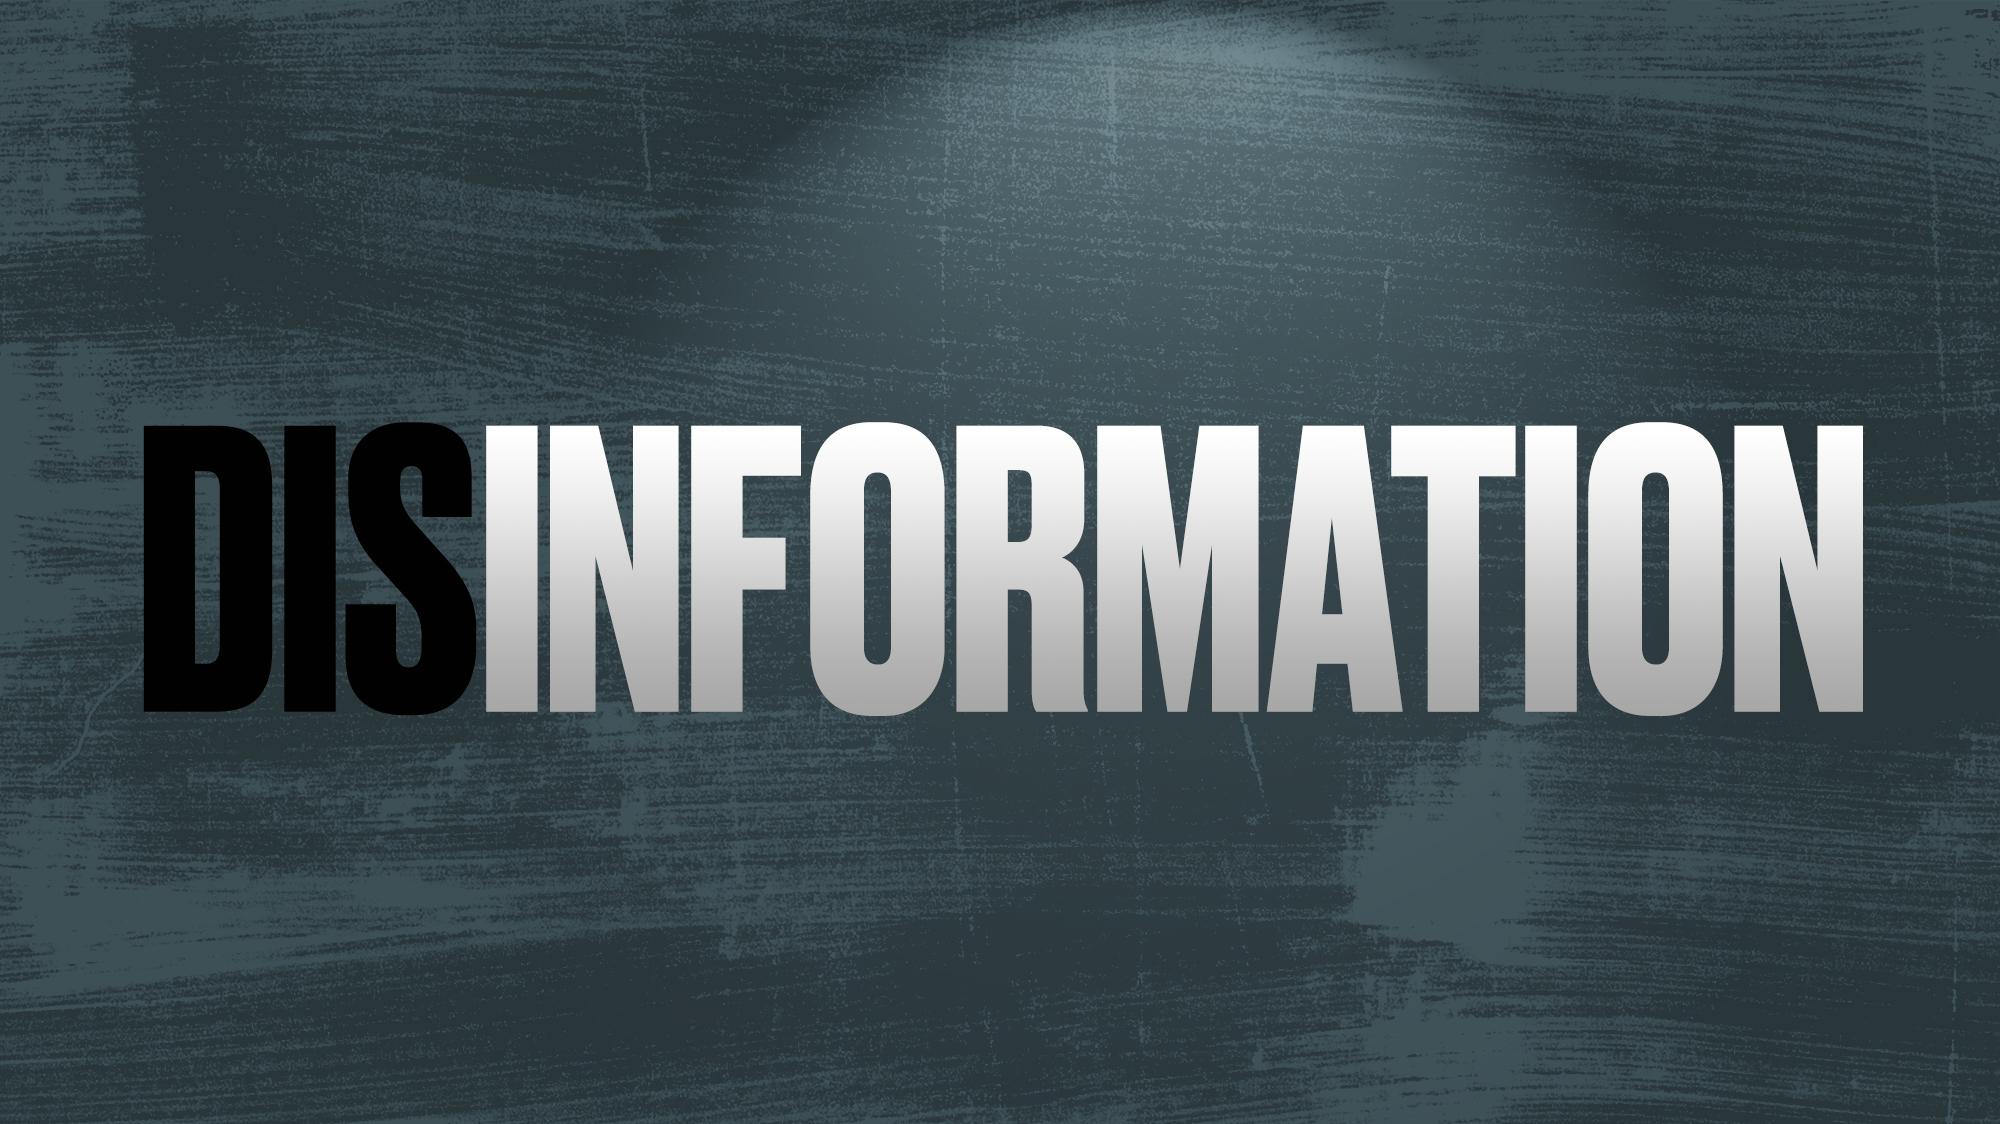 Disinformation_Header